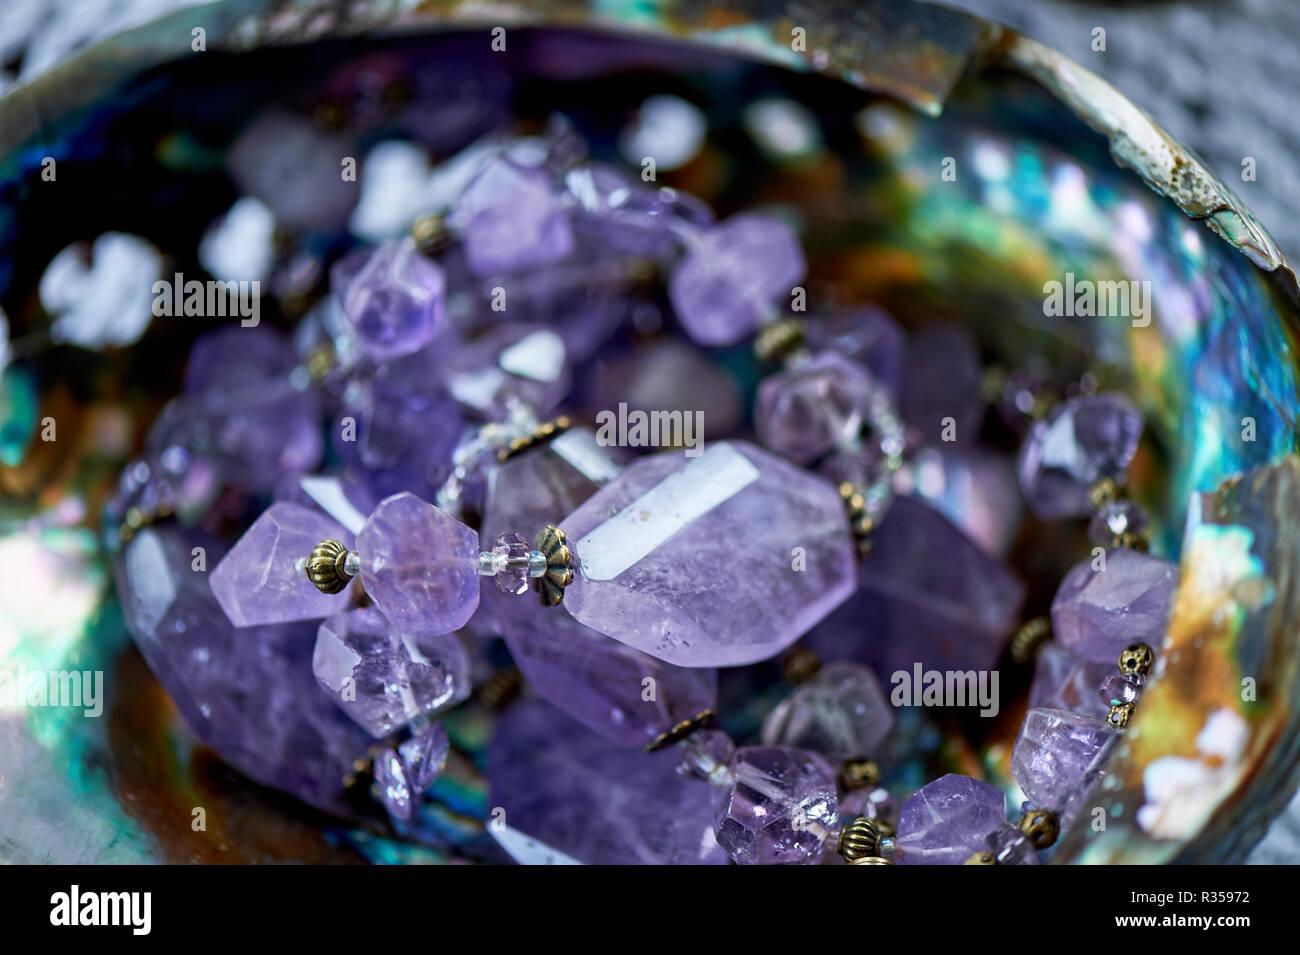 Lila Perlen aus Naturstein. Makro. Stockbild